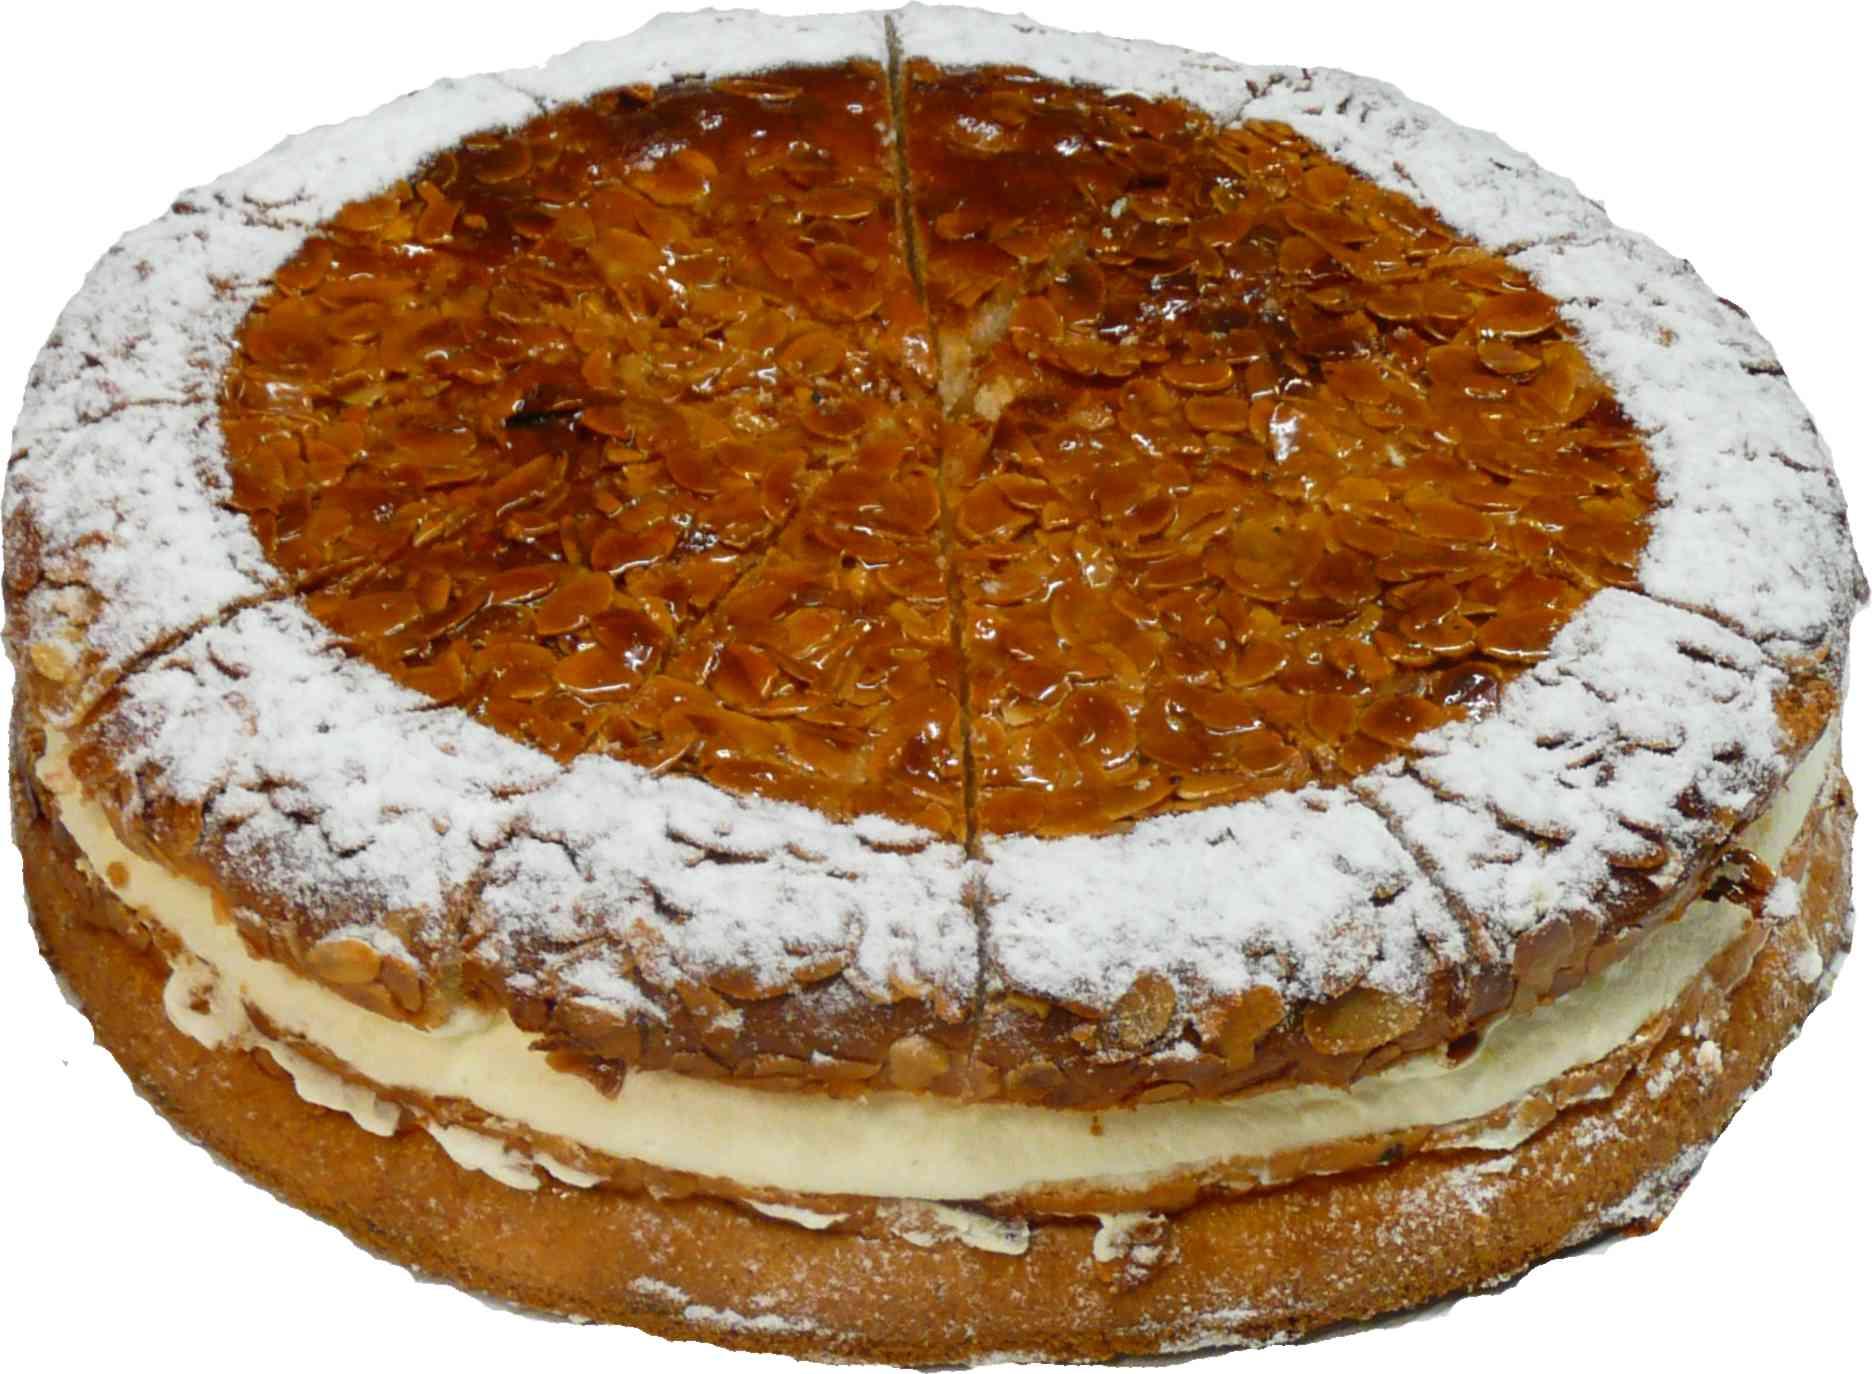 Frankfurt kuchen finest kchen quelle frankfurt unique for Kuchen ausstellung